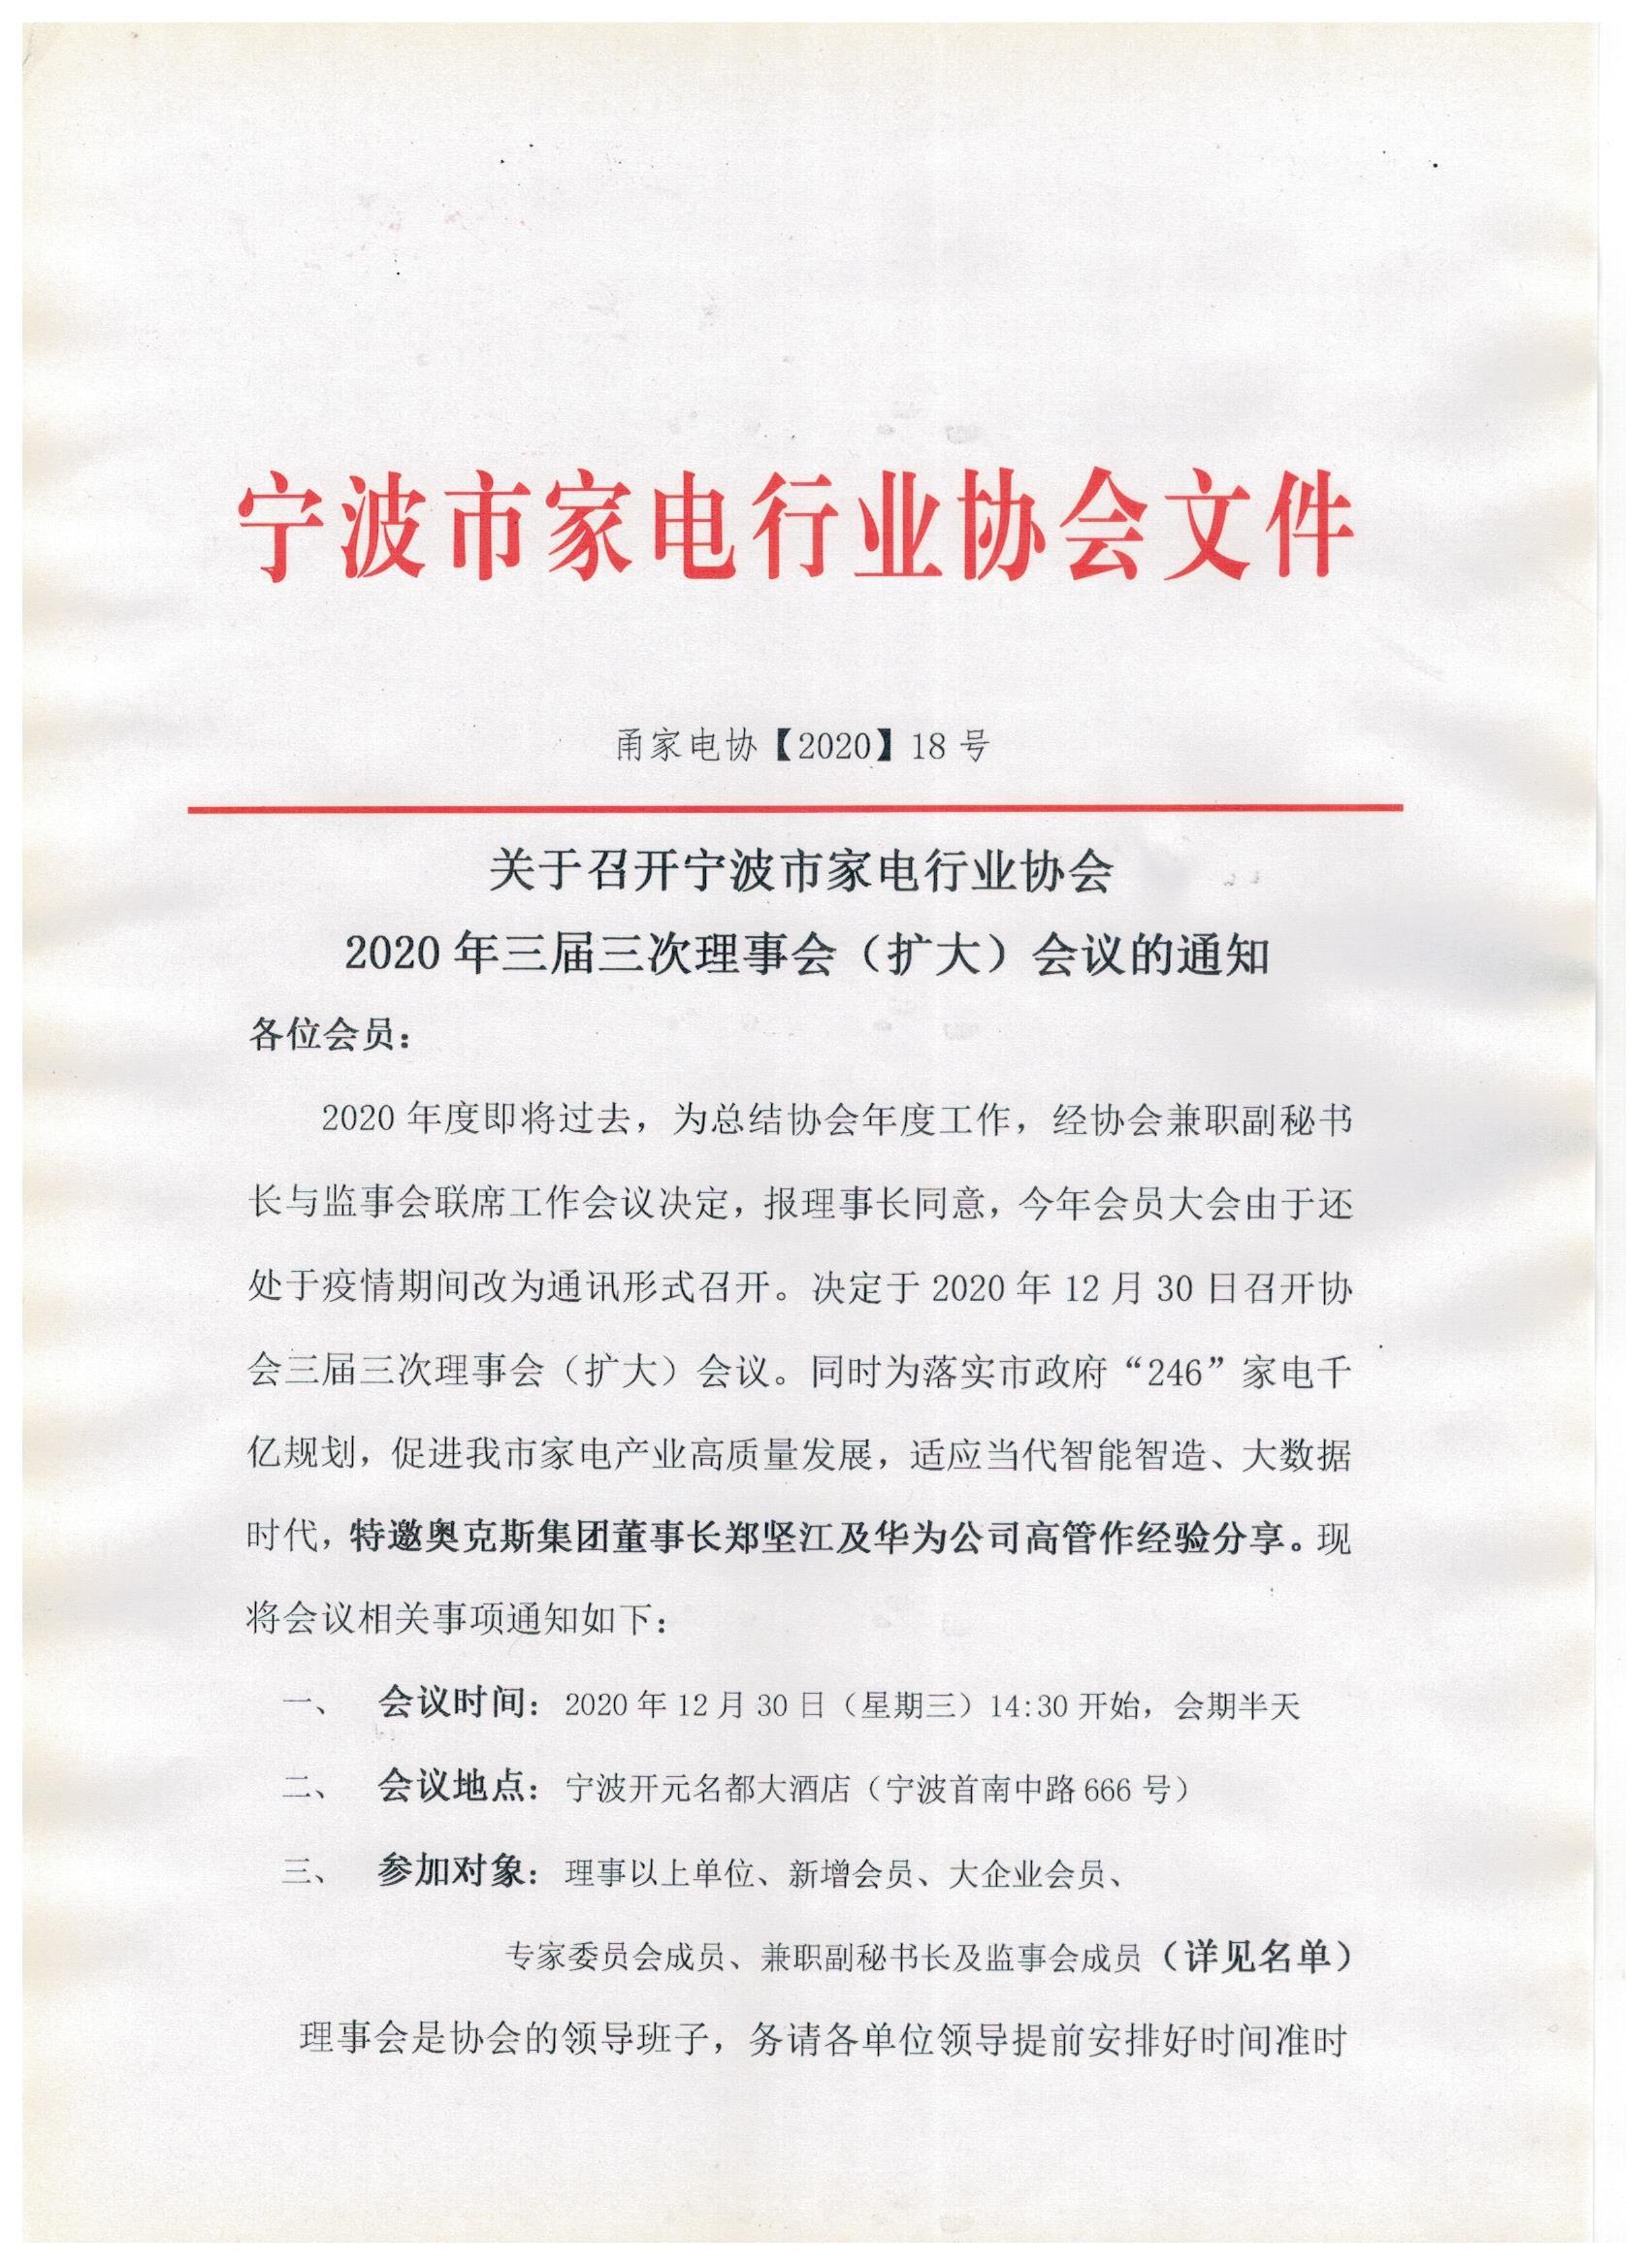 关于召开宁波市家电行业协会2020年三届三次理事会(扩大)会议的通知